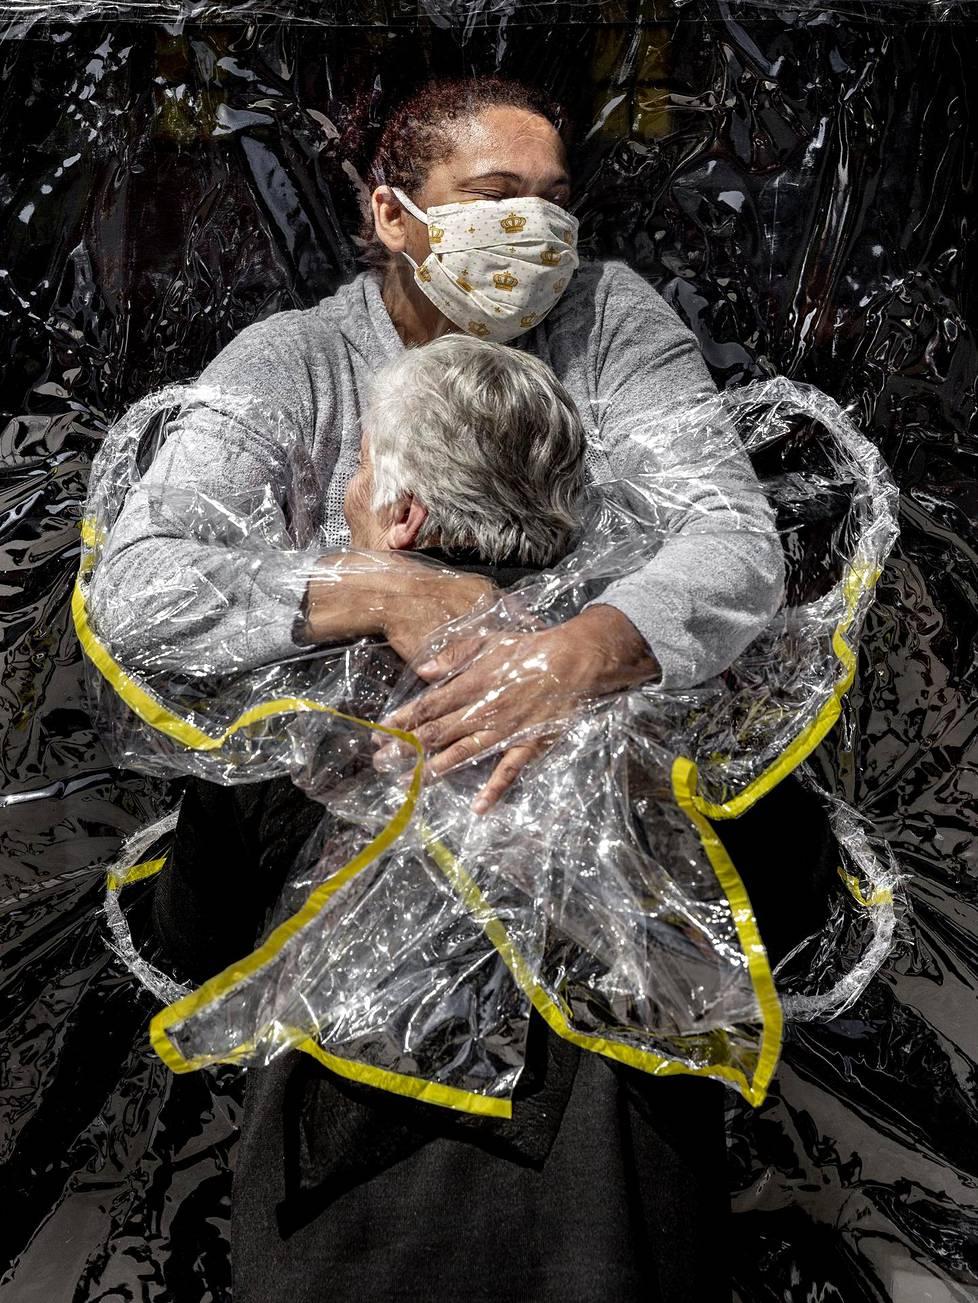 85-vuotias Rosa Luzia Lunardi saa halauksen hoitaja Adriana Silva da Costa Souzalta hoitokodissa Brasilian São Paulossa. Vuoden kuva.